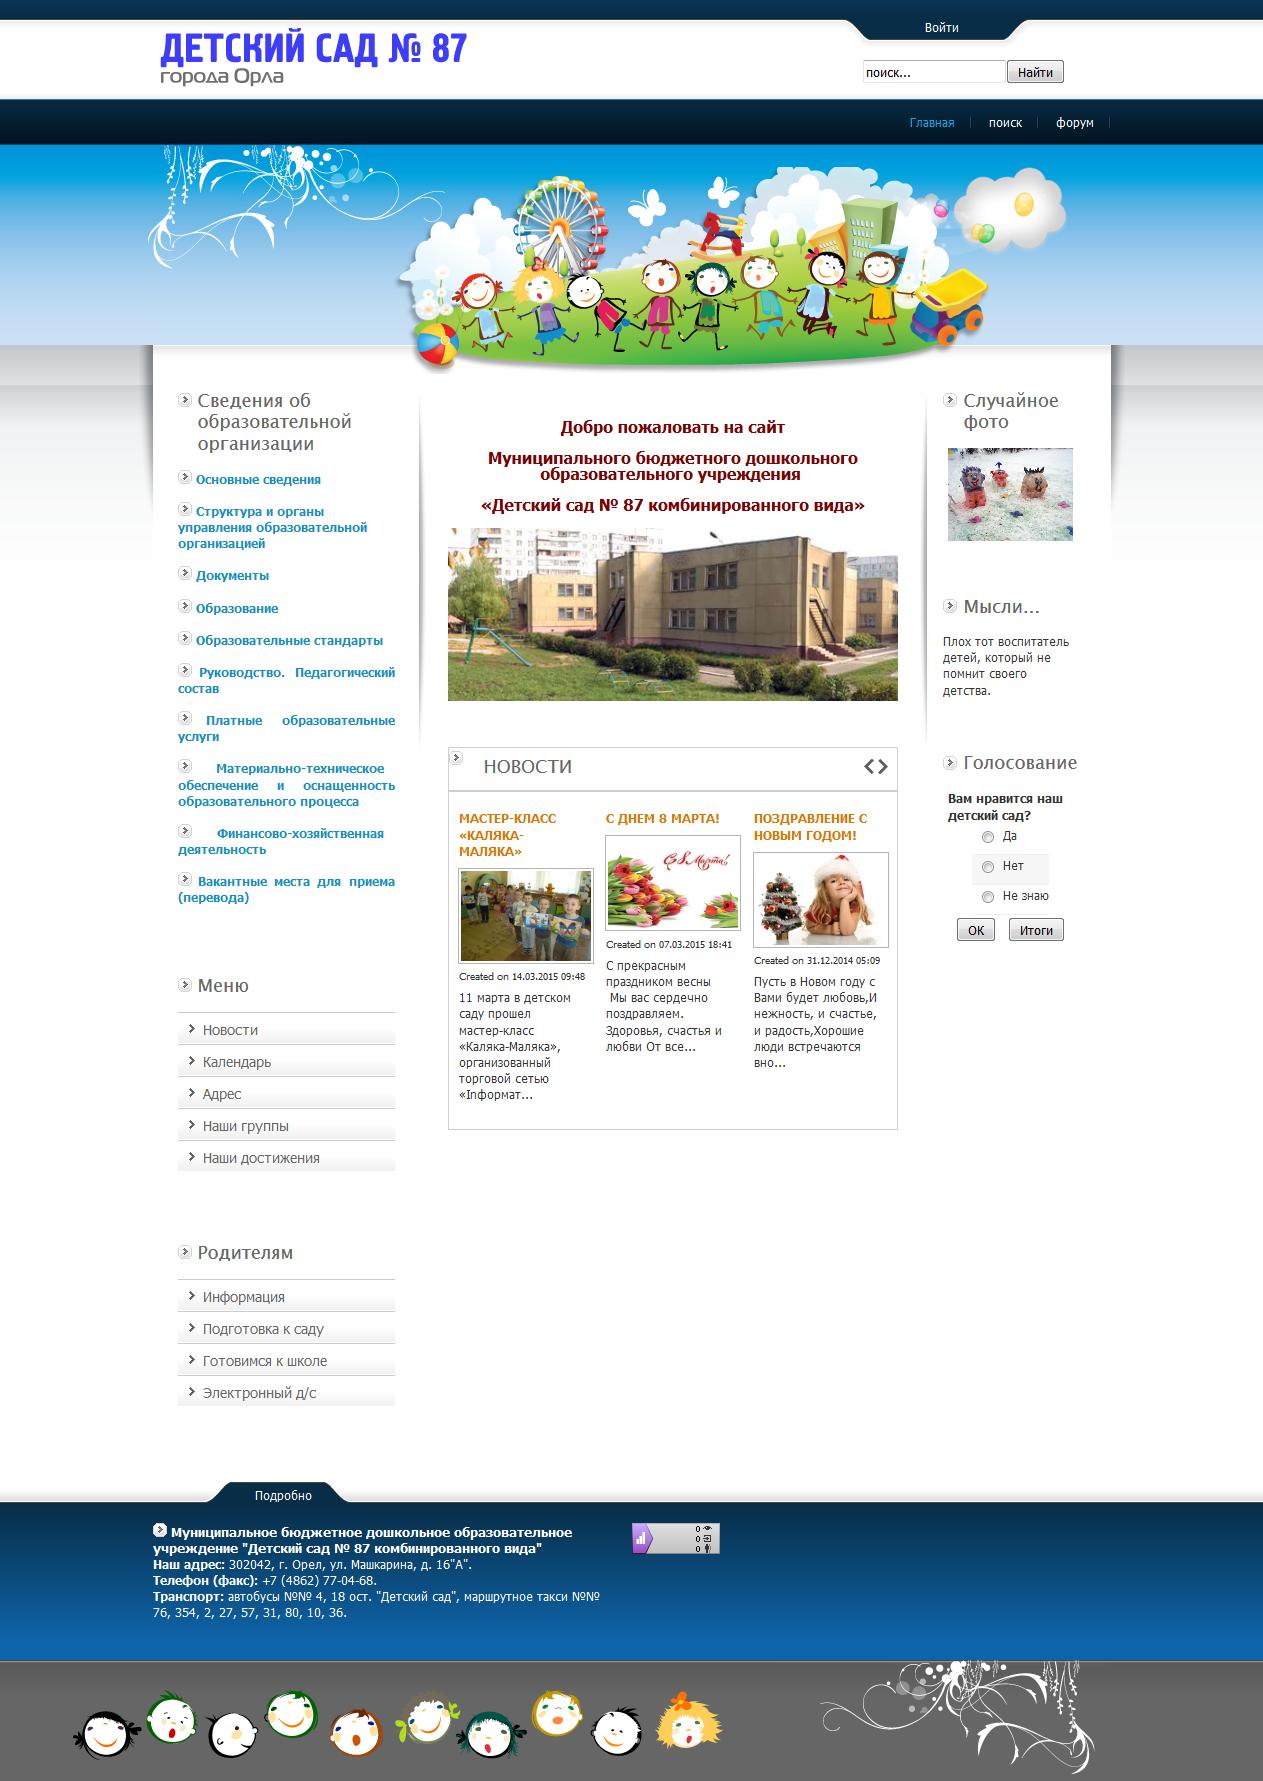 «Детский сад № 87 комбинированного вида»